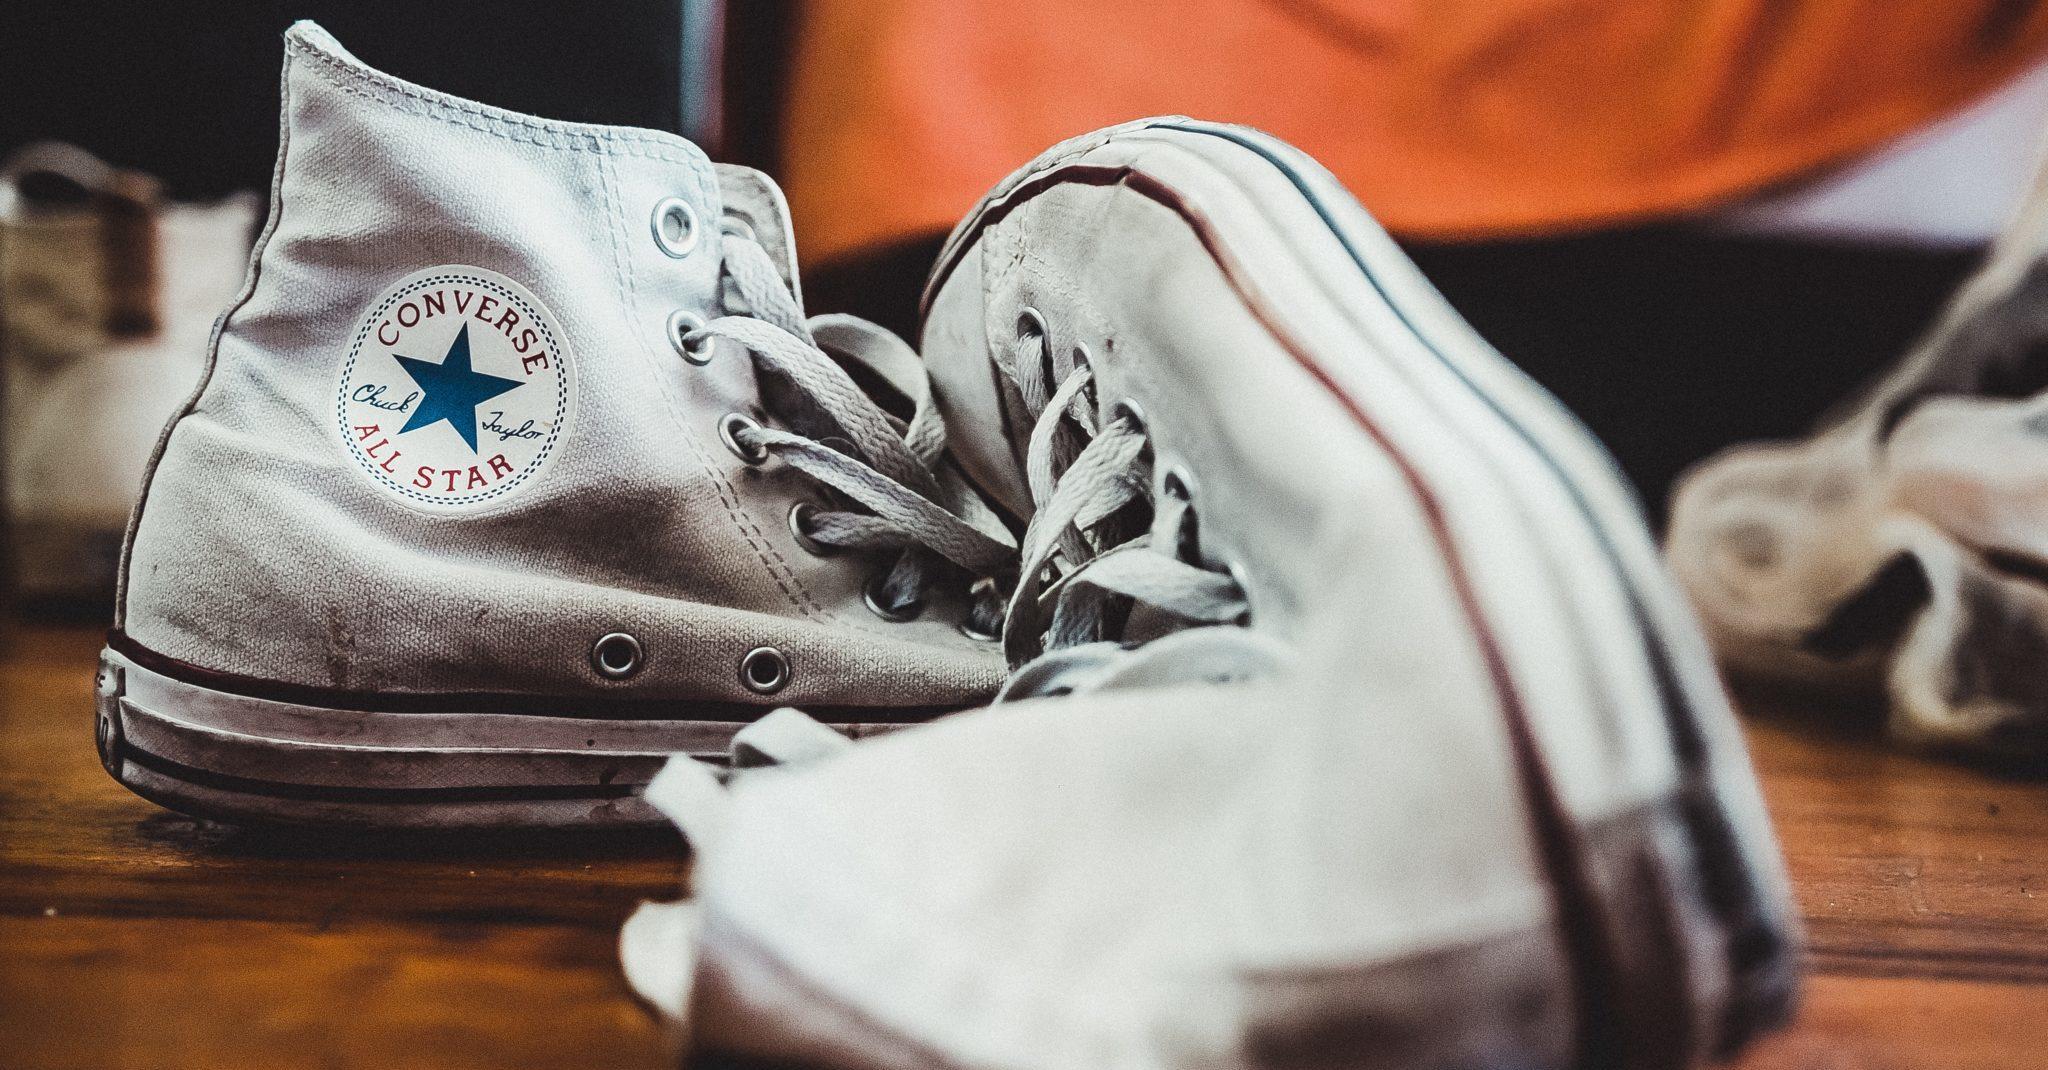 como limpiar zapatillas blancas de tela